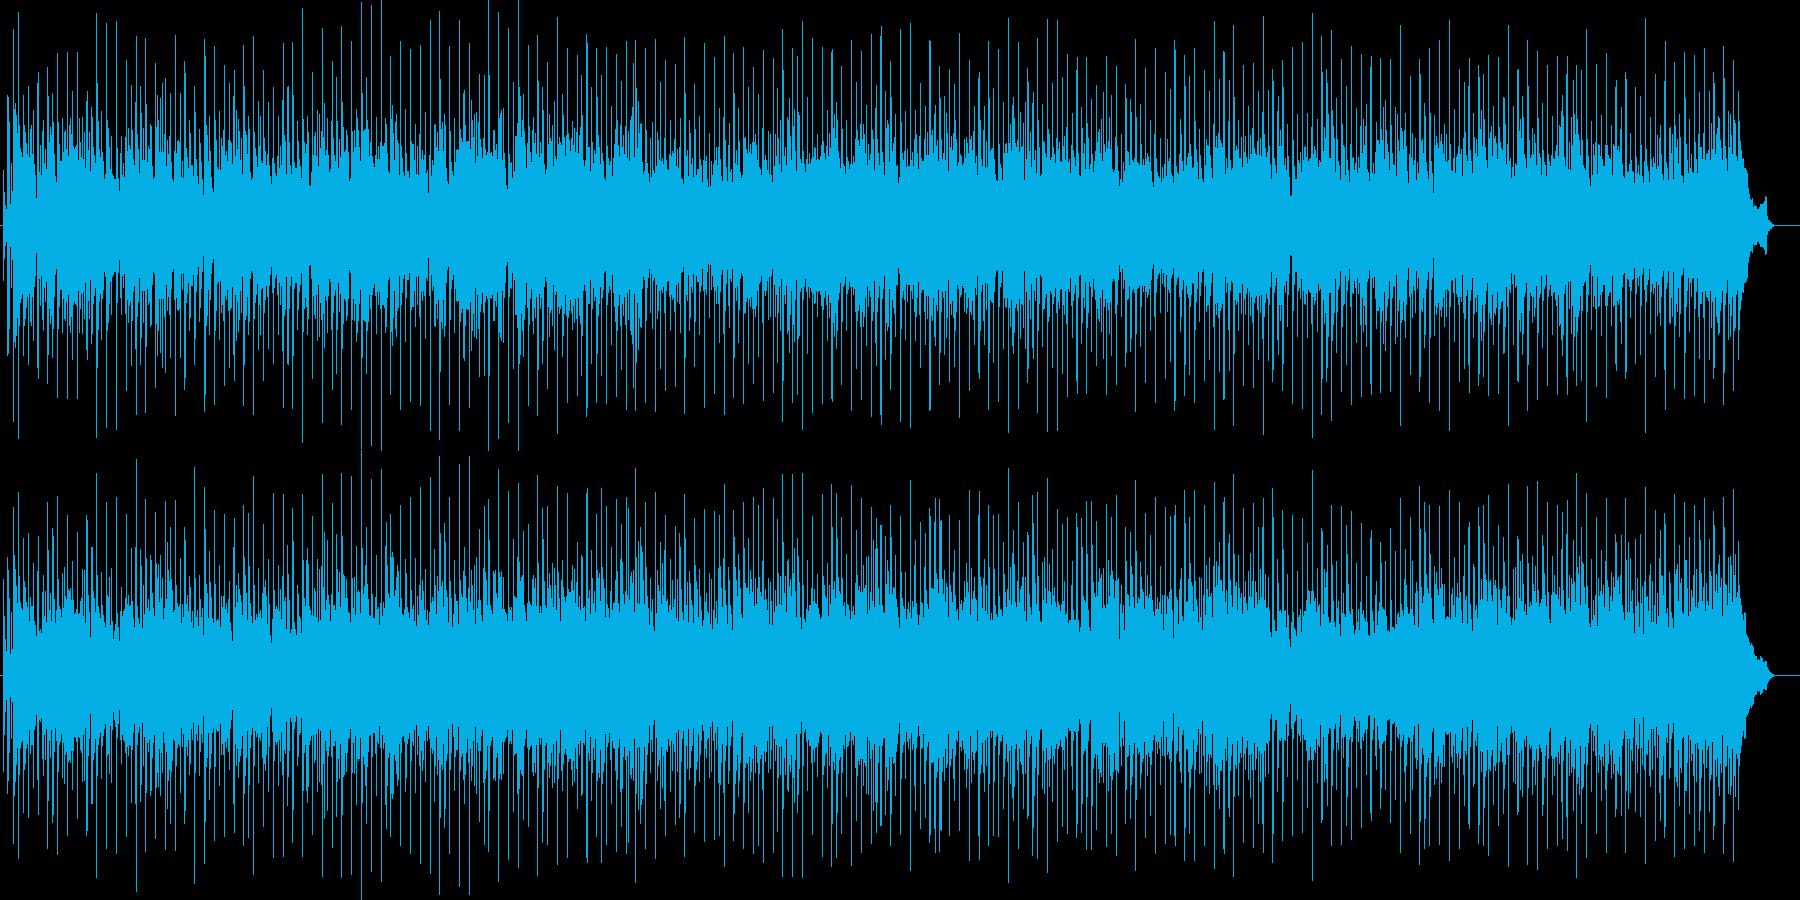 爽やかな朝アコースティックロック&ピアノの再生済みの波形